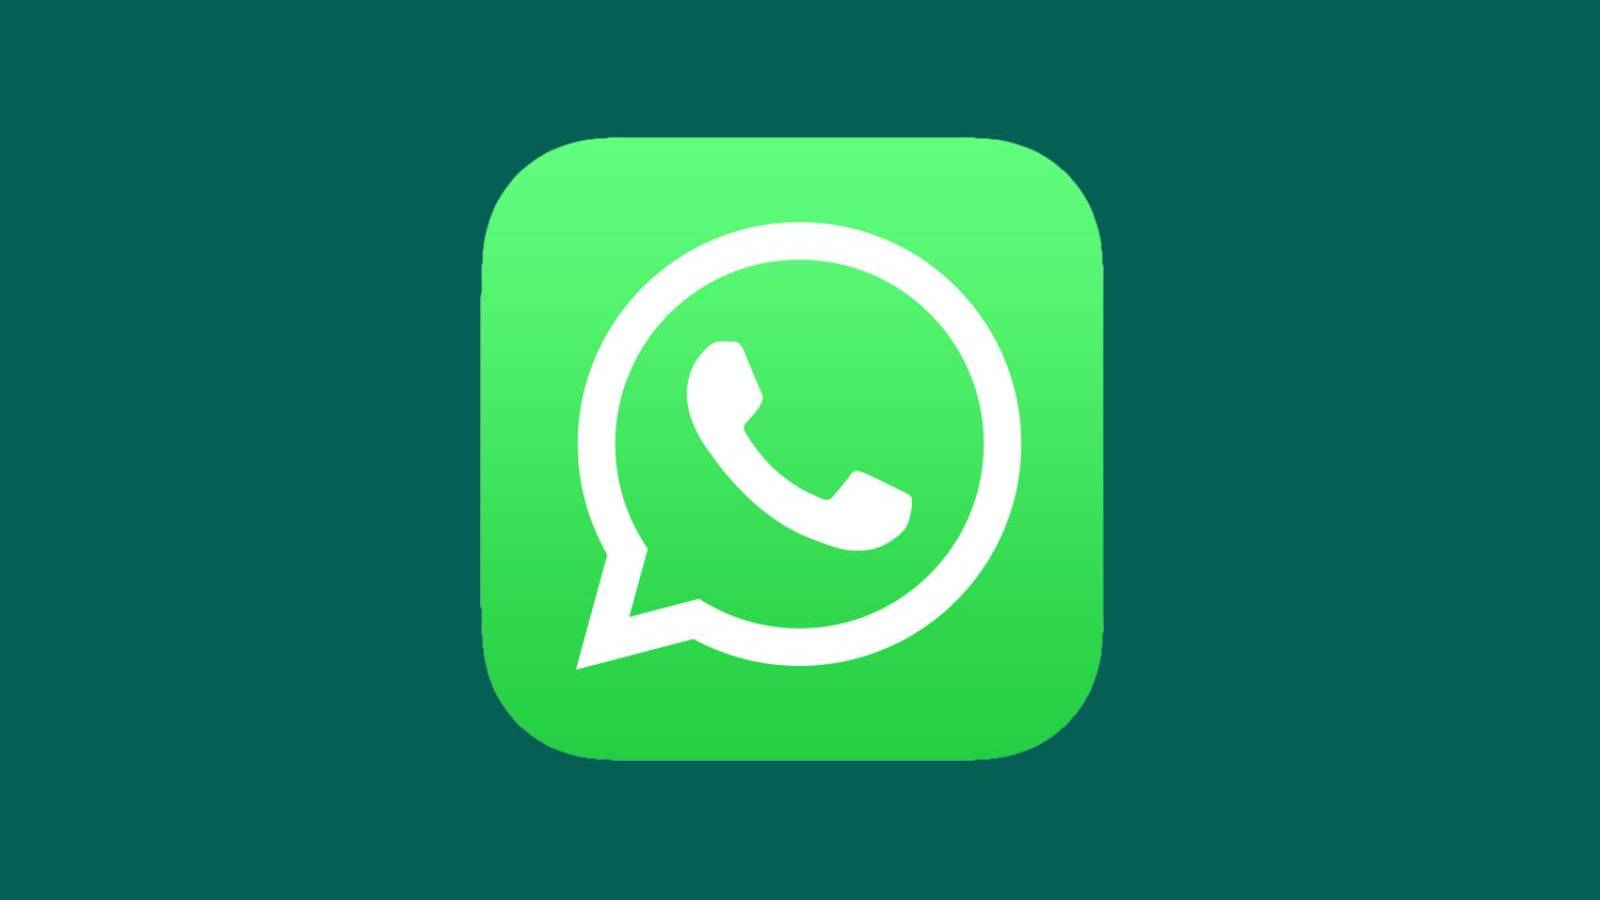 WhatsApp migrare